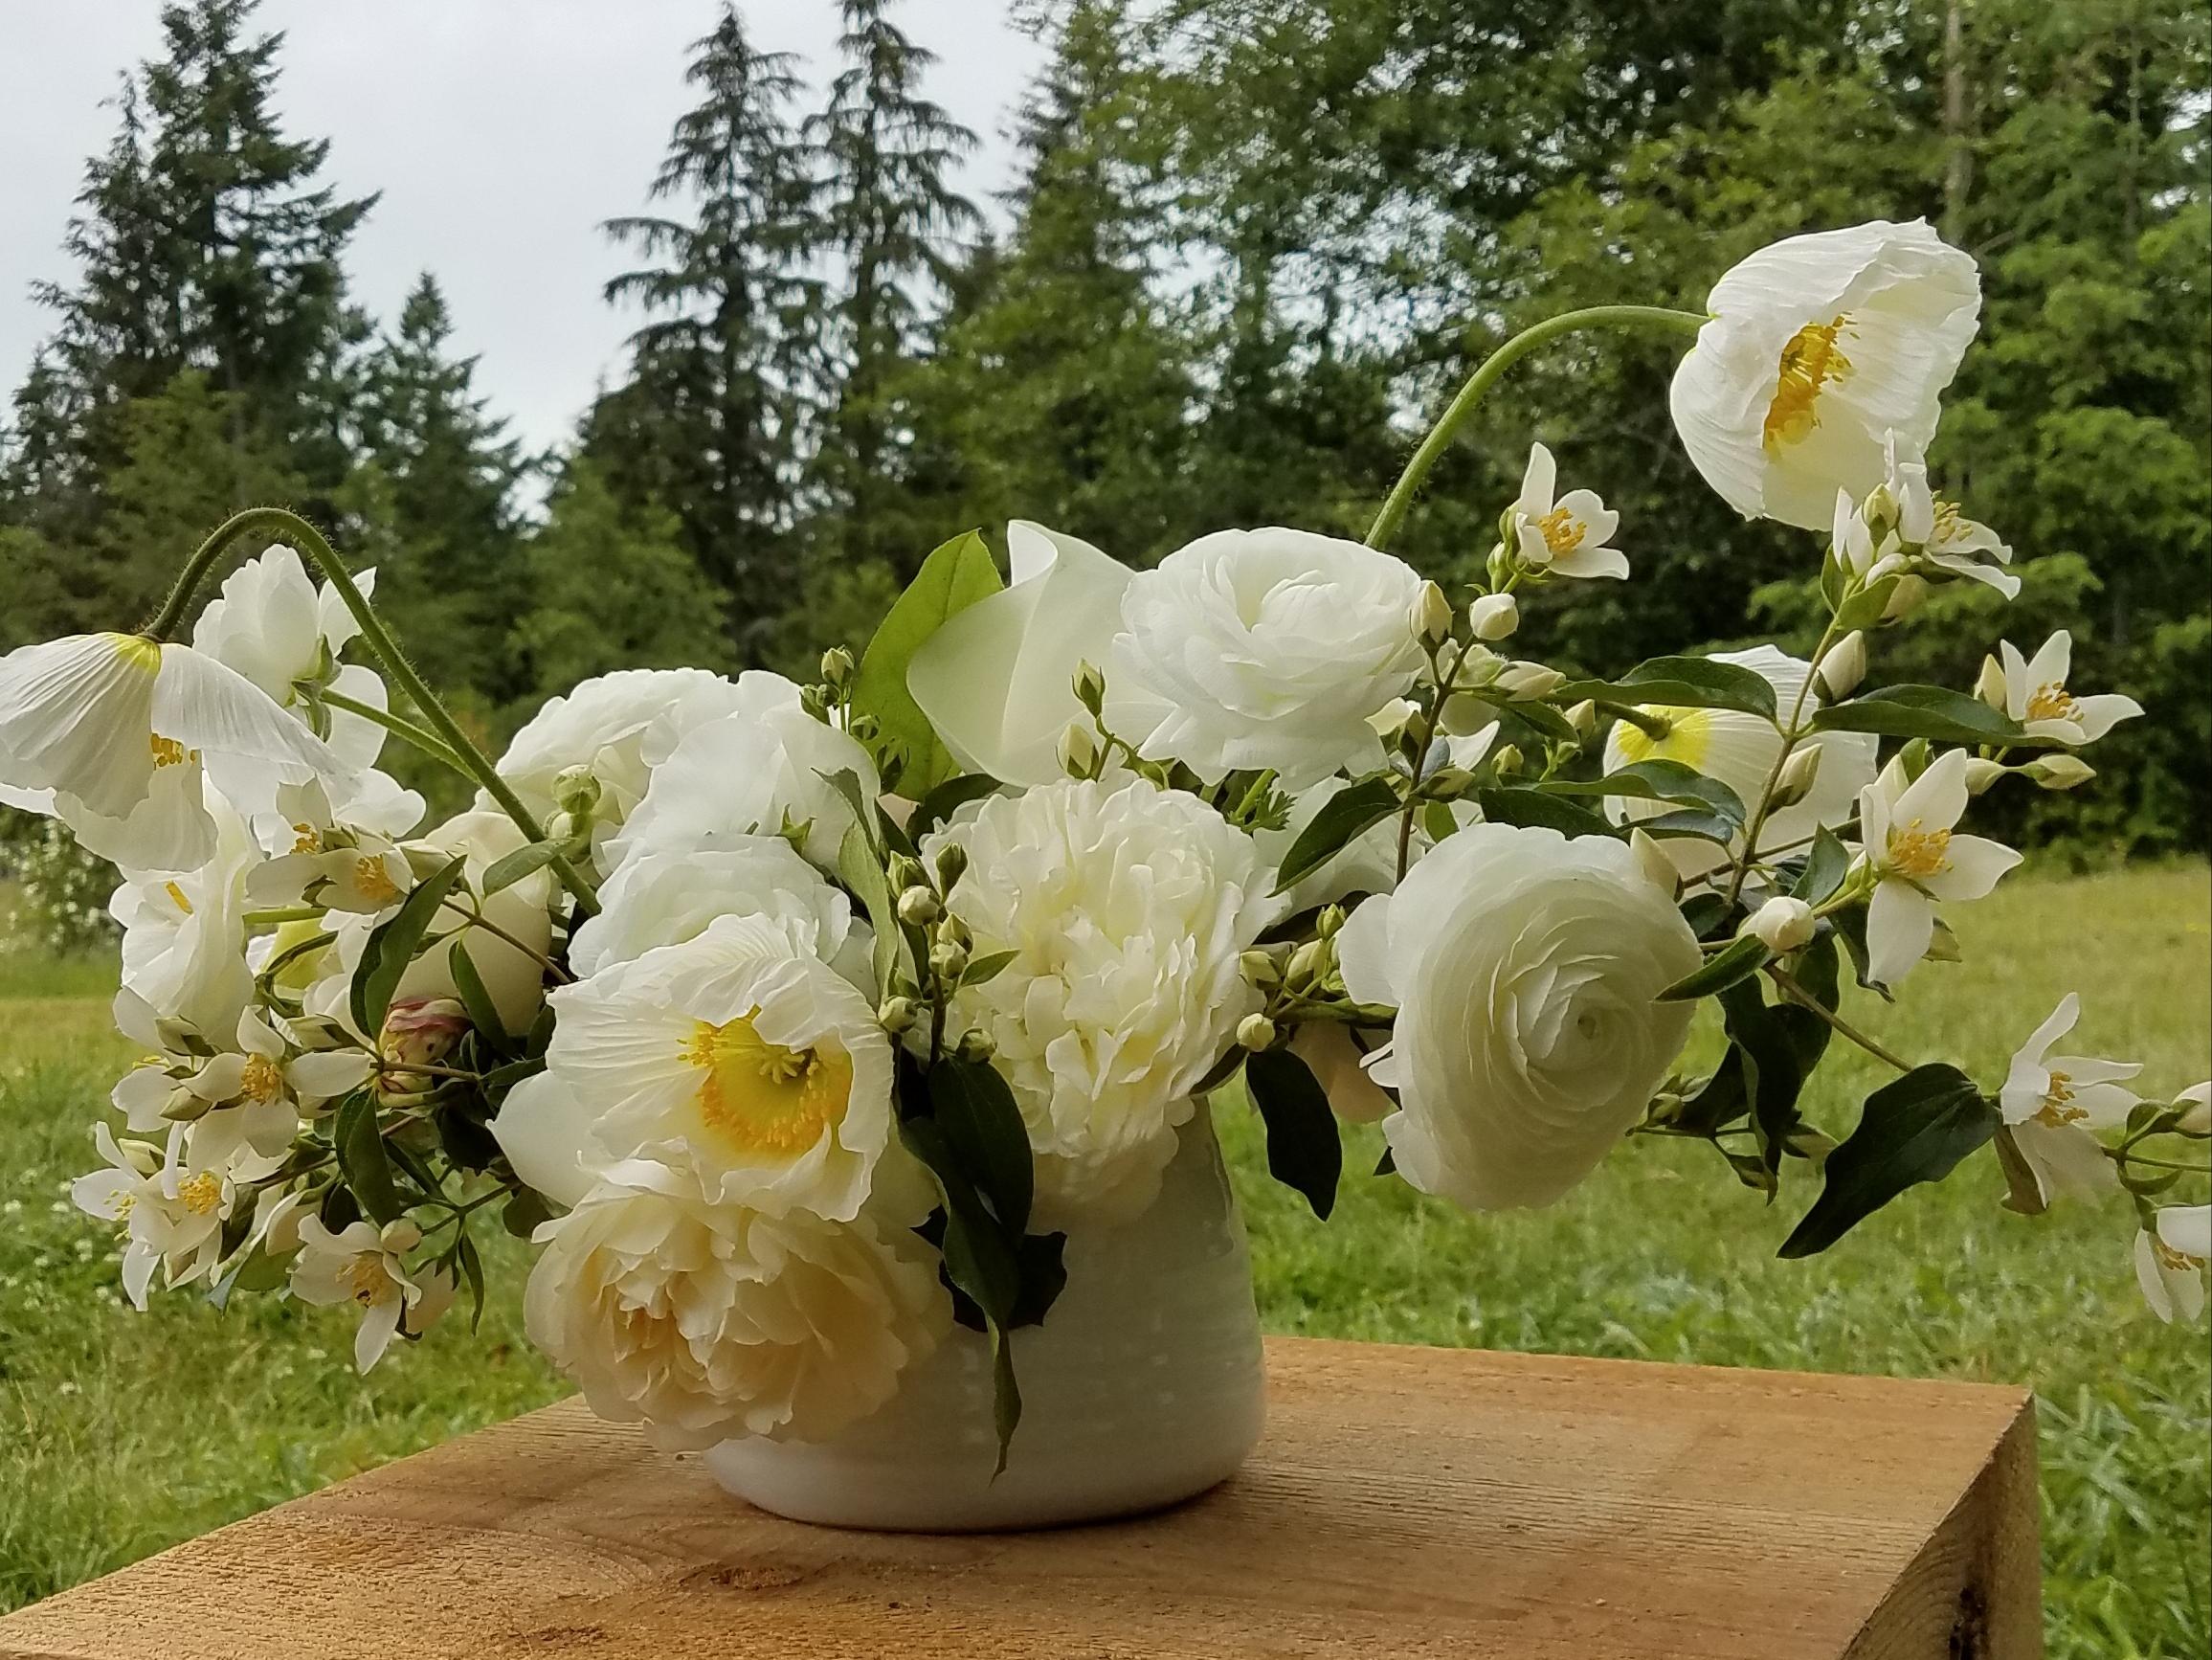 Summer flower arrangement tobey nelson weddings events whidbey island flower arrangement with white summer blooms mightylinksfo